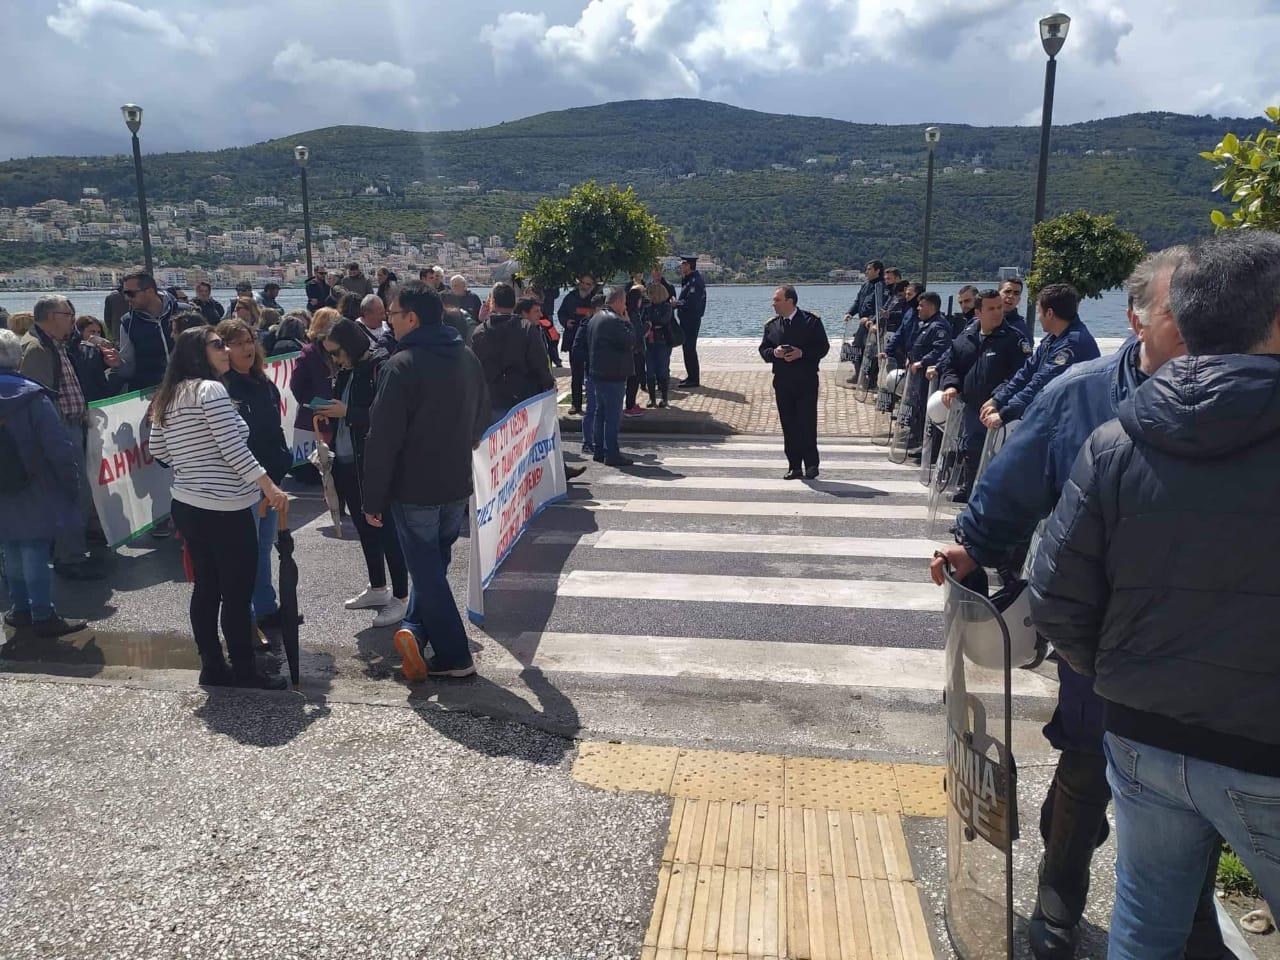 Κάτοικοι συγκεντρώθηκαν στη Σάμο για να διαμαρτυρηθούν για το μεταναστευτικό στον Δημήτρη Βίτσα